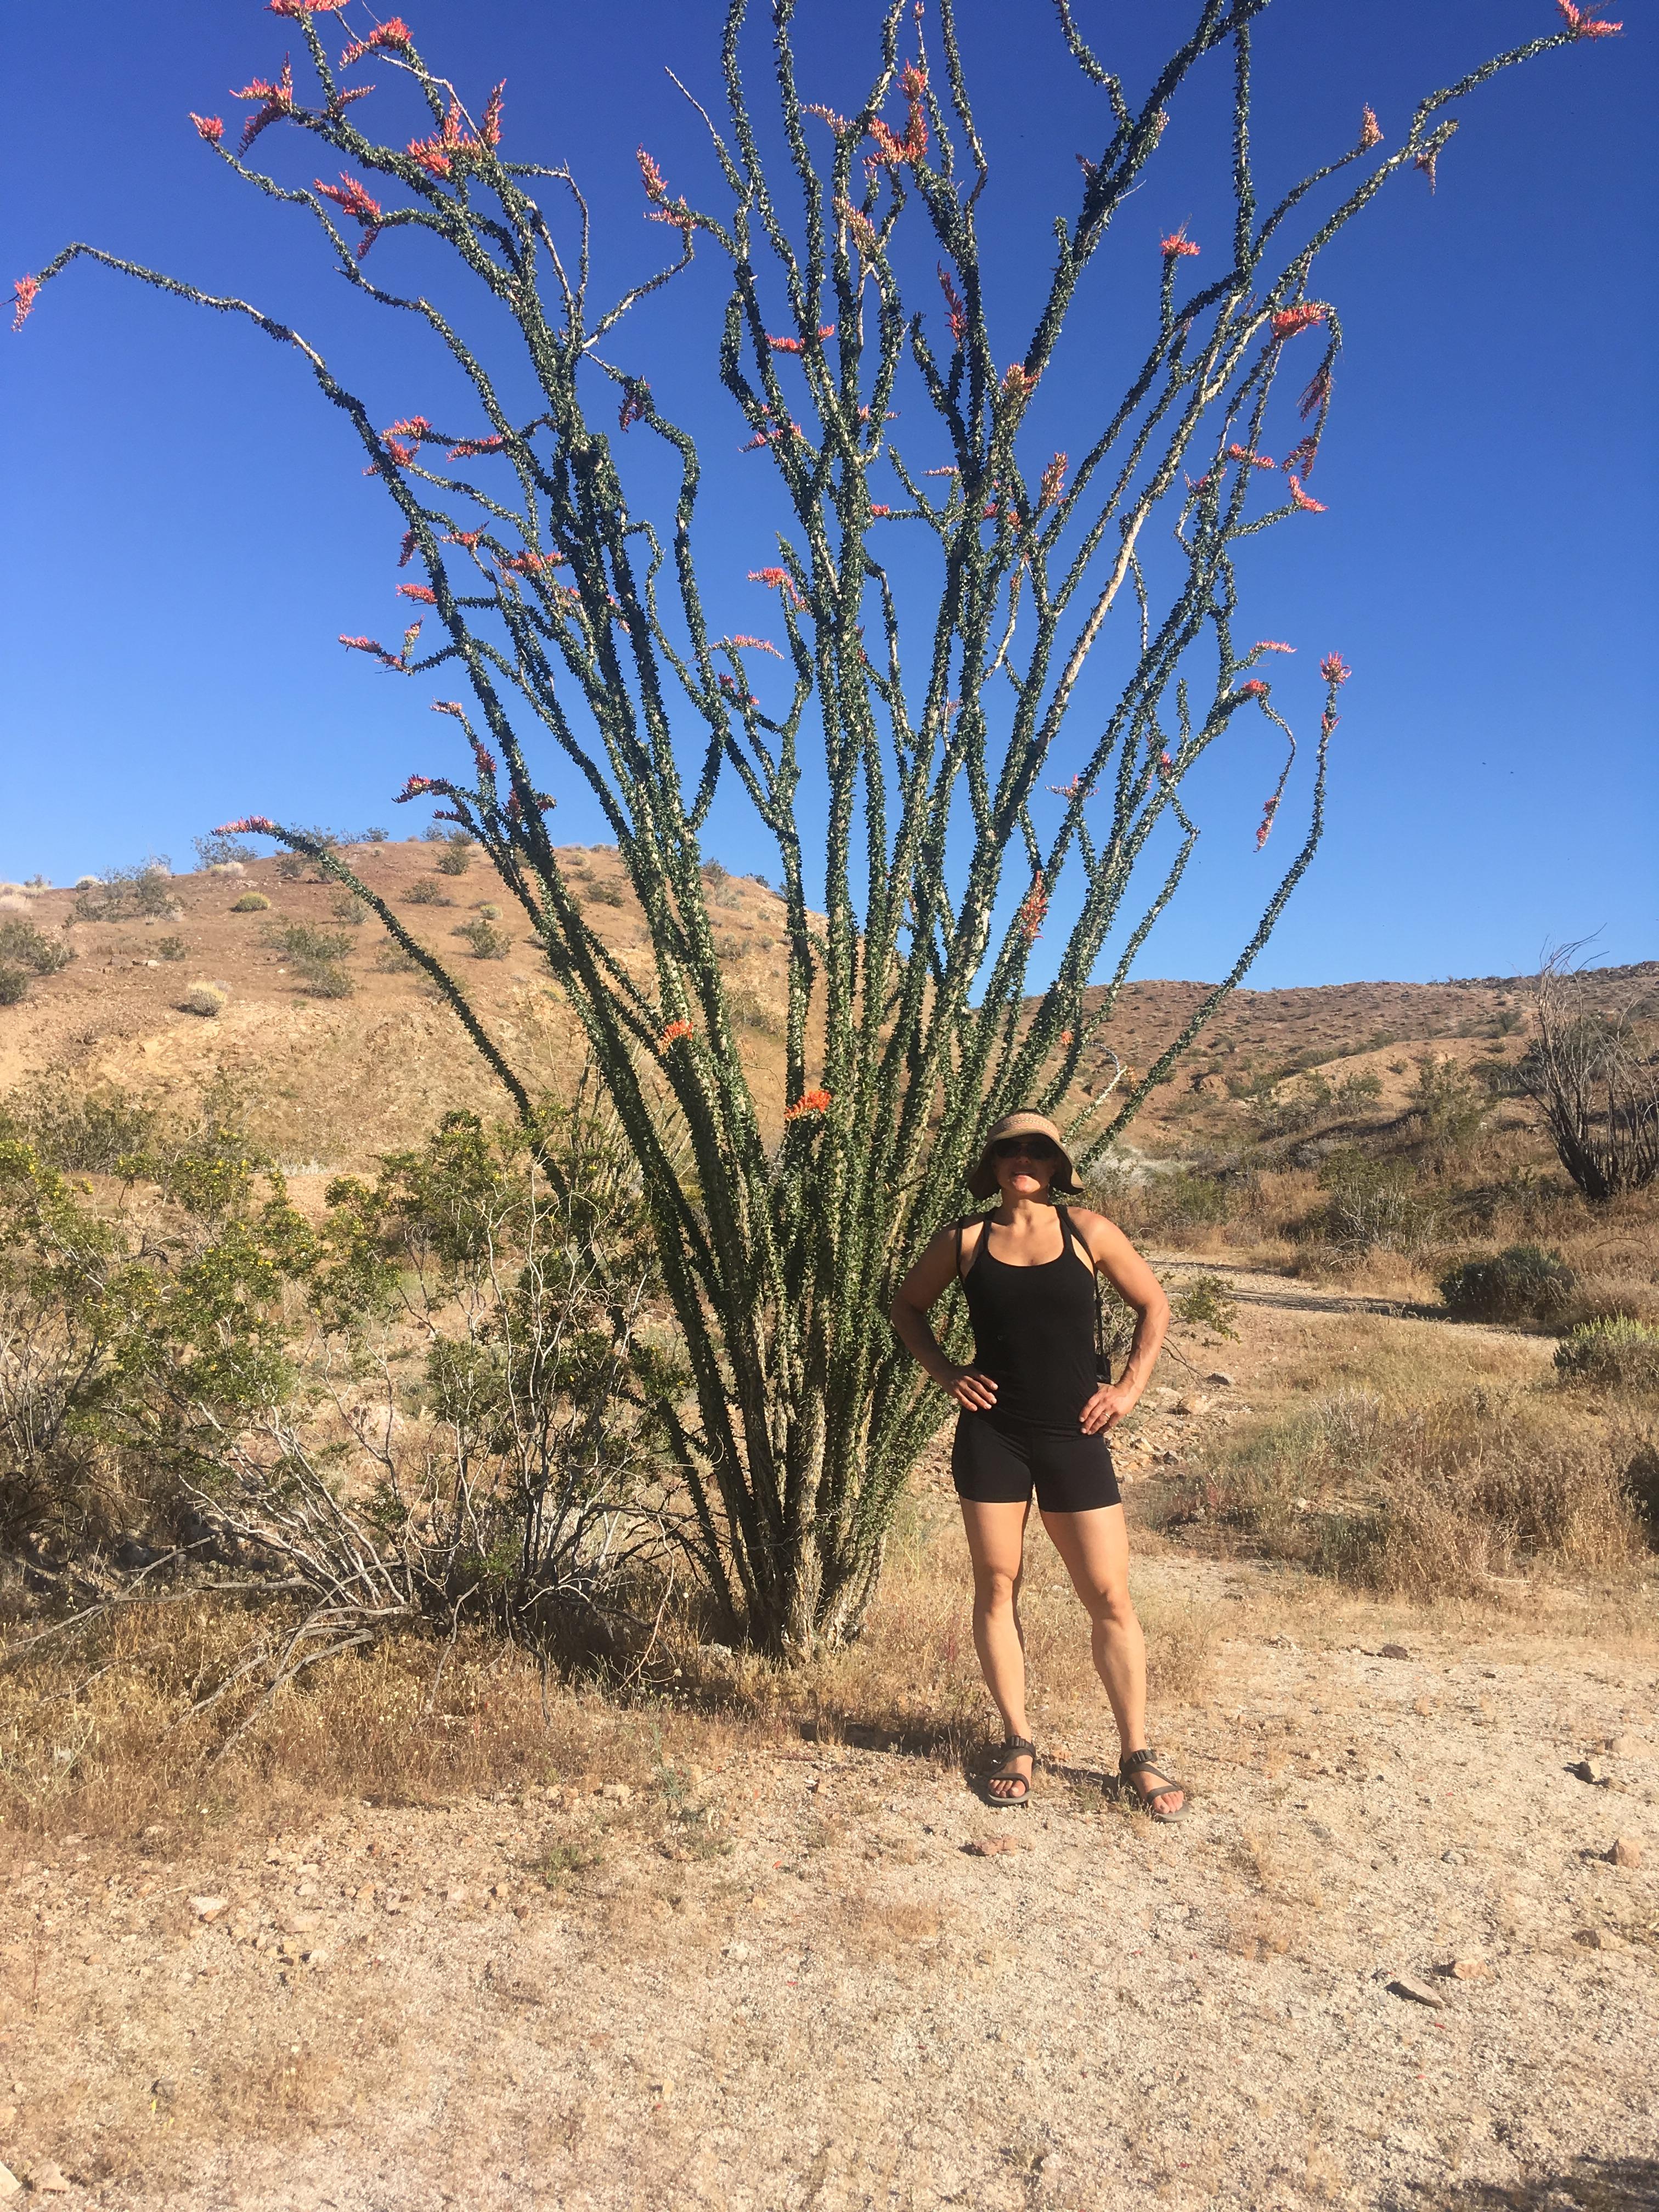 Me in the Anza-Borrego Desert next to an Ocotillo plant